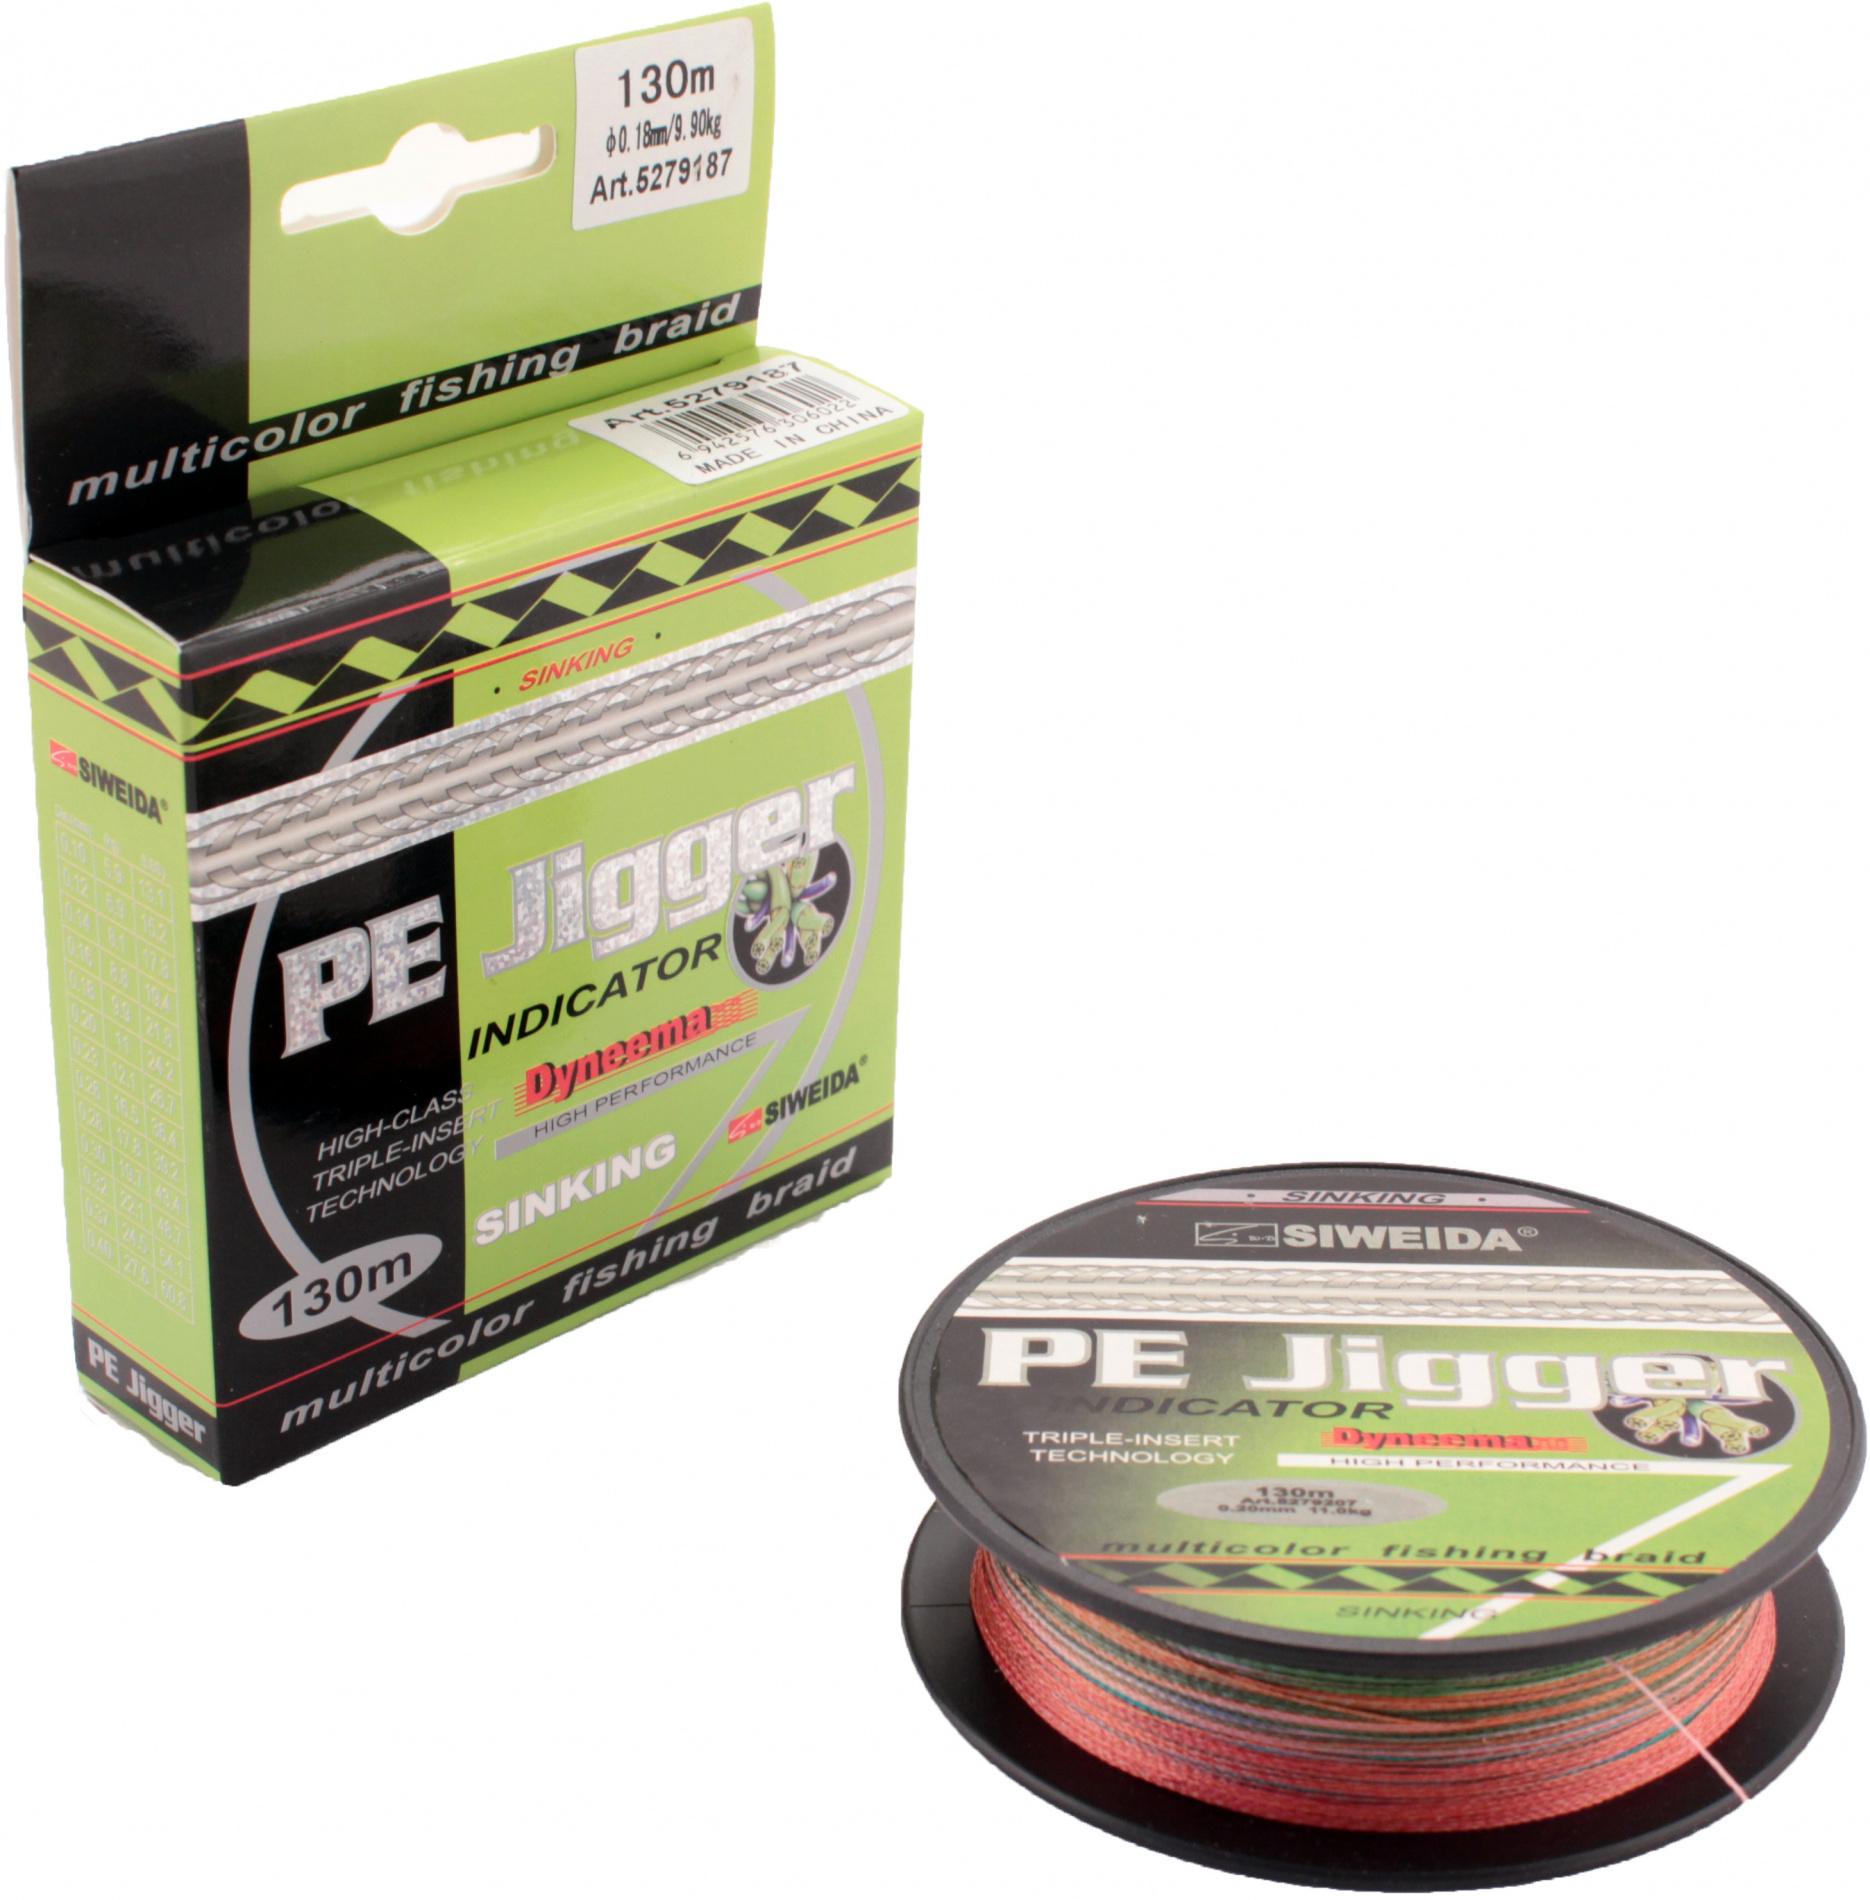 Леска плетеная SWD PE JIGGER INDICATOR 0,26 130м multicolor Леска плетеная<br>Пятицветный тонущий плетеный шнур, изготовленный <br>из волокна DYNEEMA, сечением 0,26мм (разрывная <br>нагрузка 16,50кг) и длиной 130м. Благодаря микроволокнам <br>полиэтилена (Super PE) шнур имеет очень плотное <br>плетение, не впитывает воду, имеет гладкую <br>поверхность и одинаковое сечение по всей <br>длине. Отличается практически нулевой растяжимостью, <br>что позволяет полностью контролировать <br>спиннинговую приманку. Длина куска одного <br>цвета - 10м. Это позволяет рыболовам точно <br>контролировать дальность заброса приманки. <br>Подходит для всех видов ловли хищника.<br>